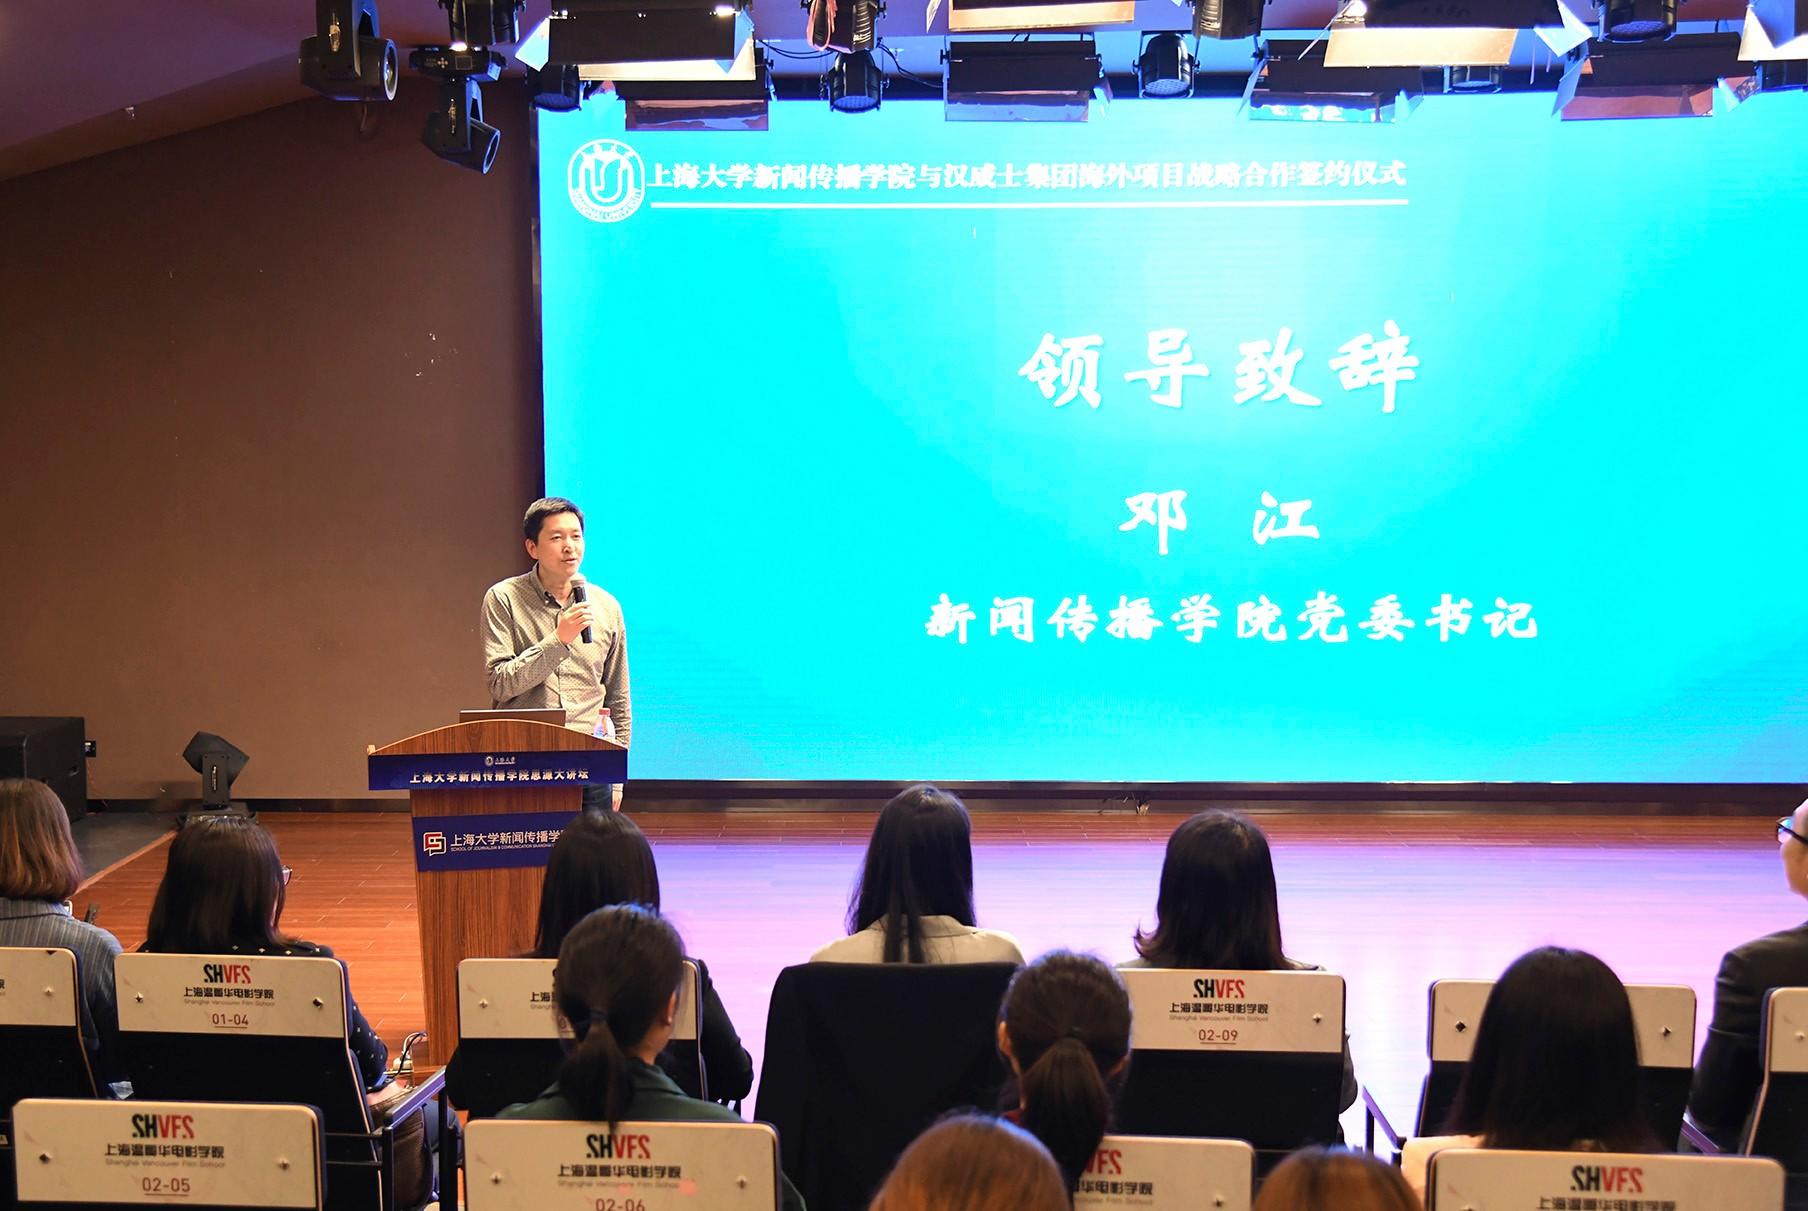 上海大学新闻传播学院党委书记邓江先生致辞.jpg